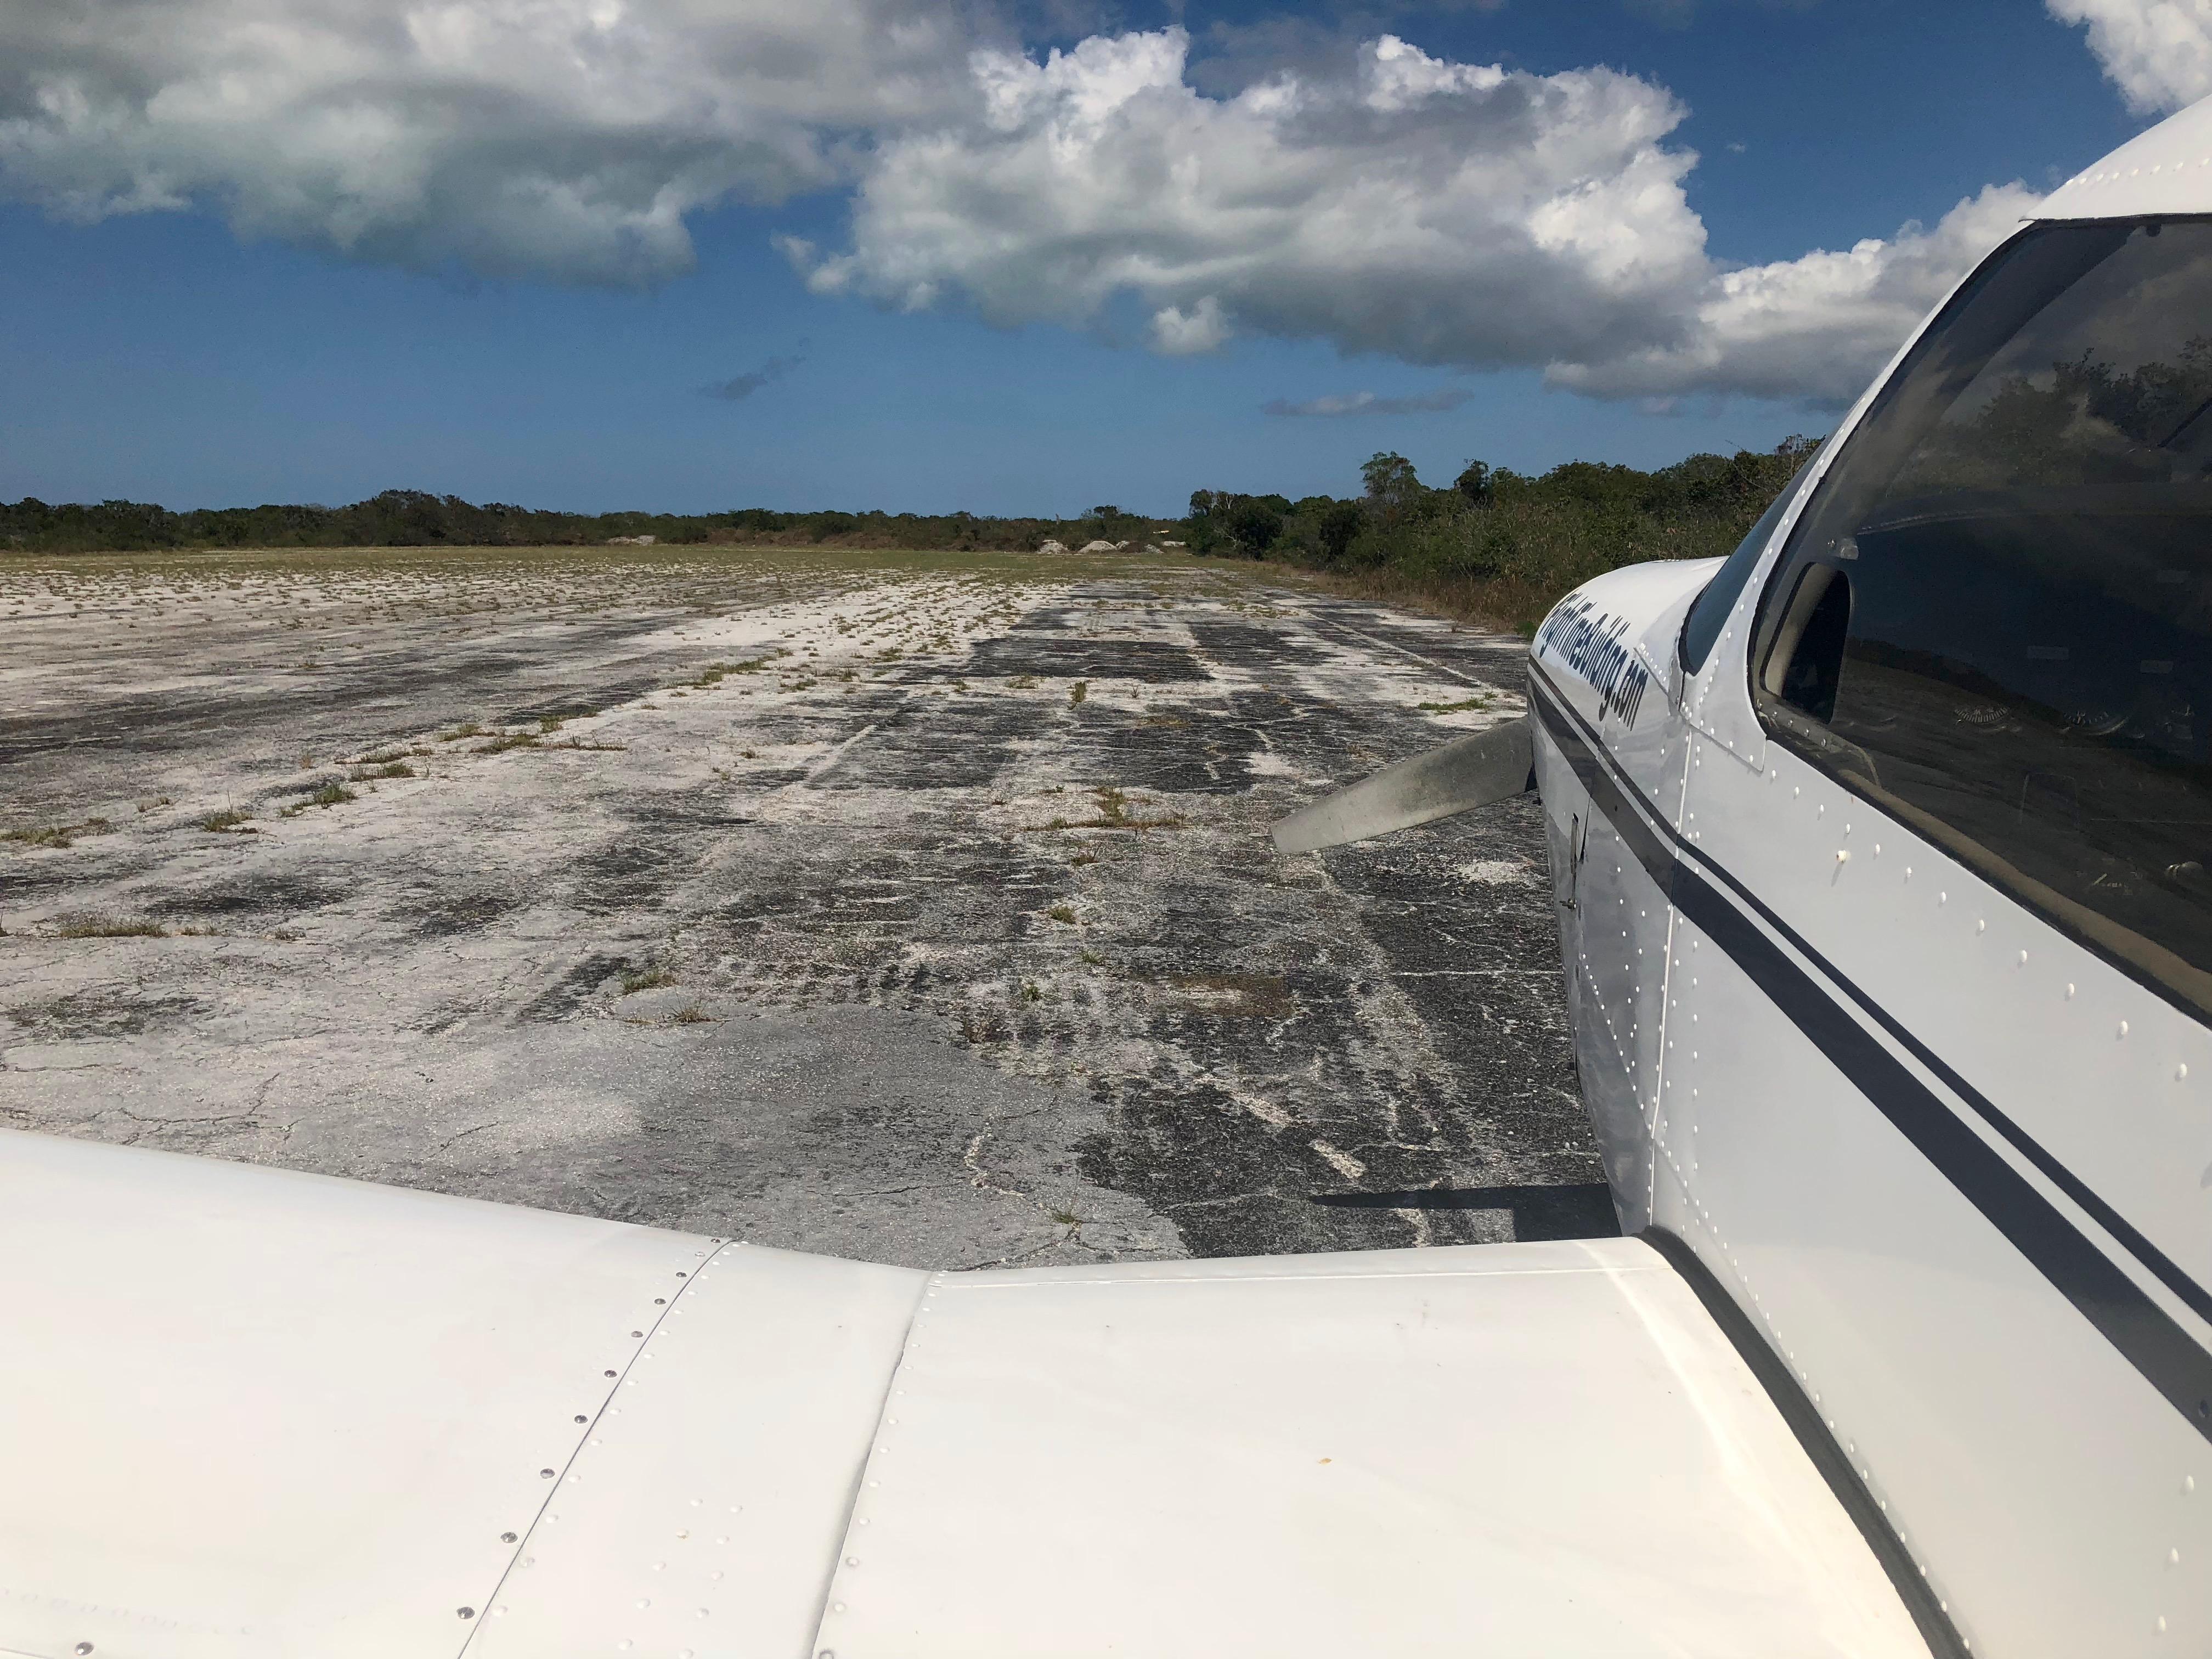 Apron at Mayaguana